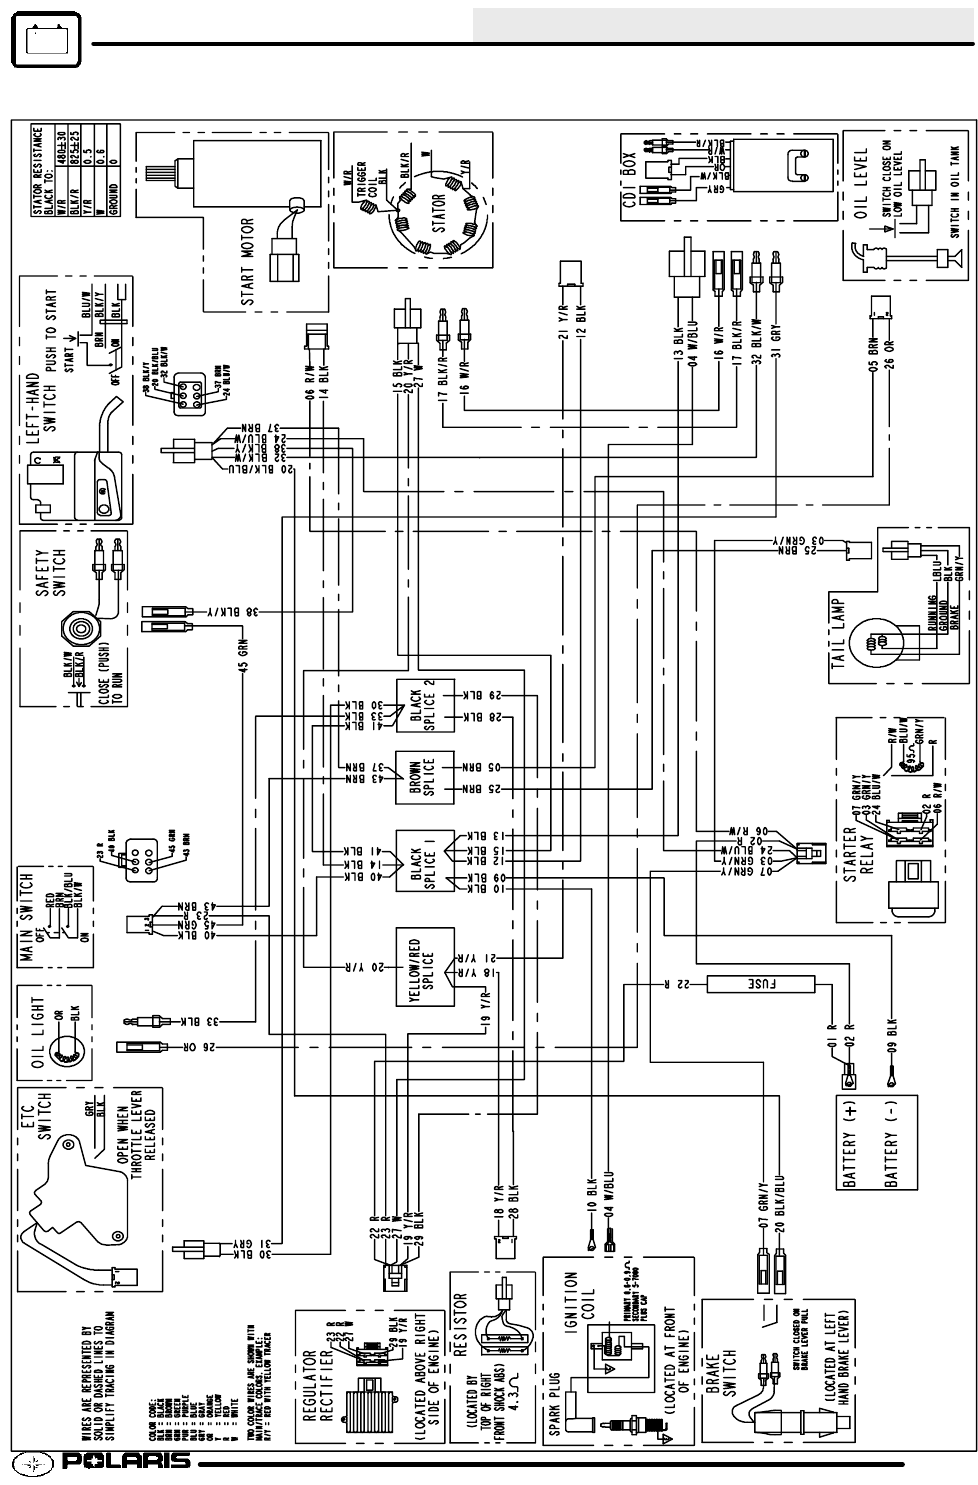 diagrams 1500788 kazuma quad wiring diagram redcat atv mpx110 Kazuma Meerkat 50Cc Wiring-Diagram english kazuma 50cc atv wiring diagram